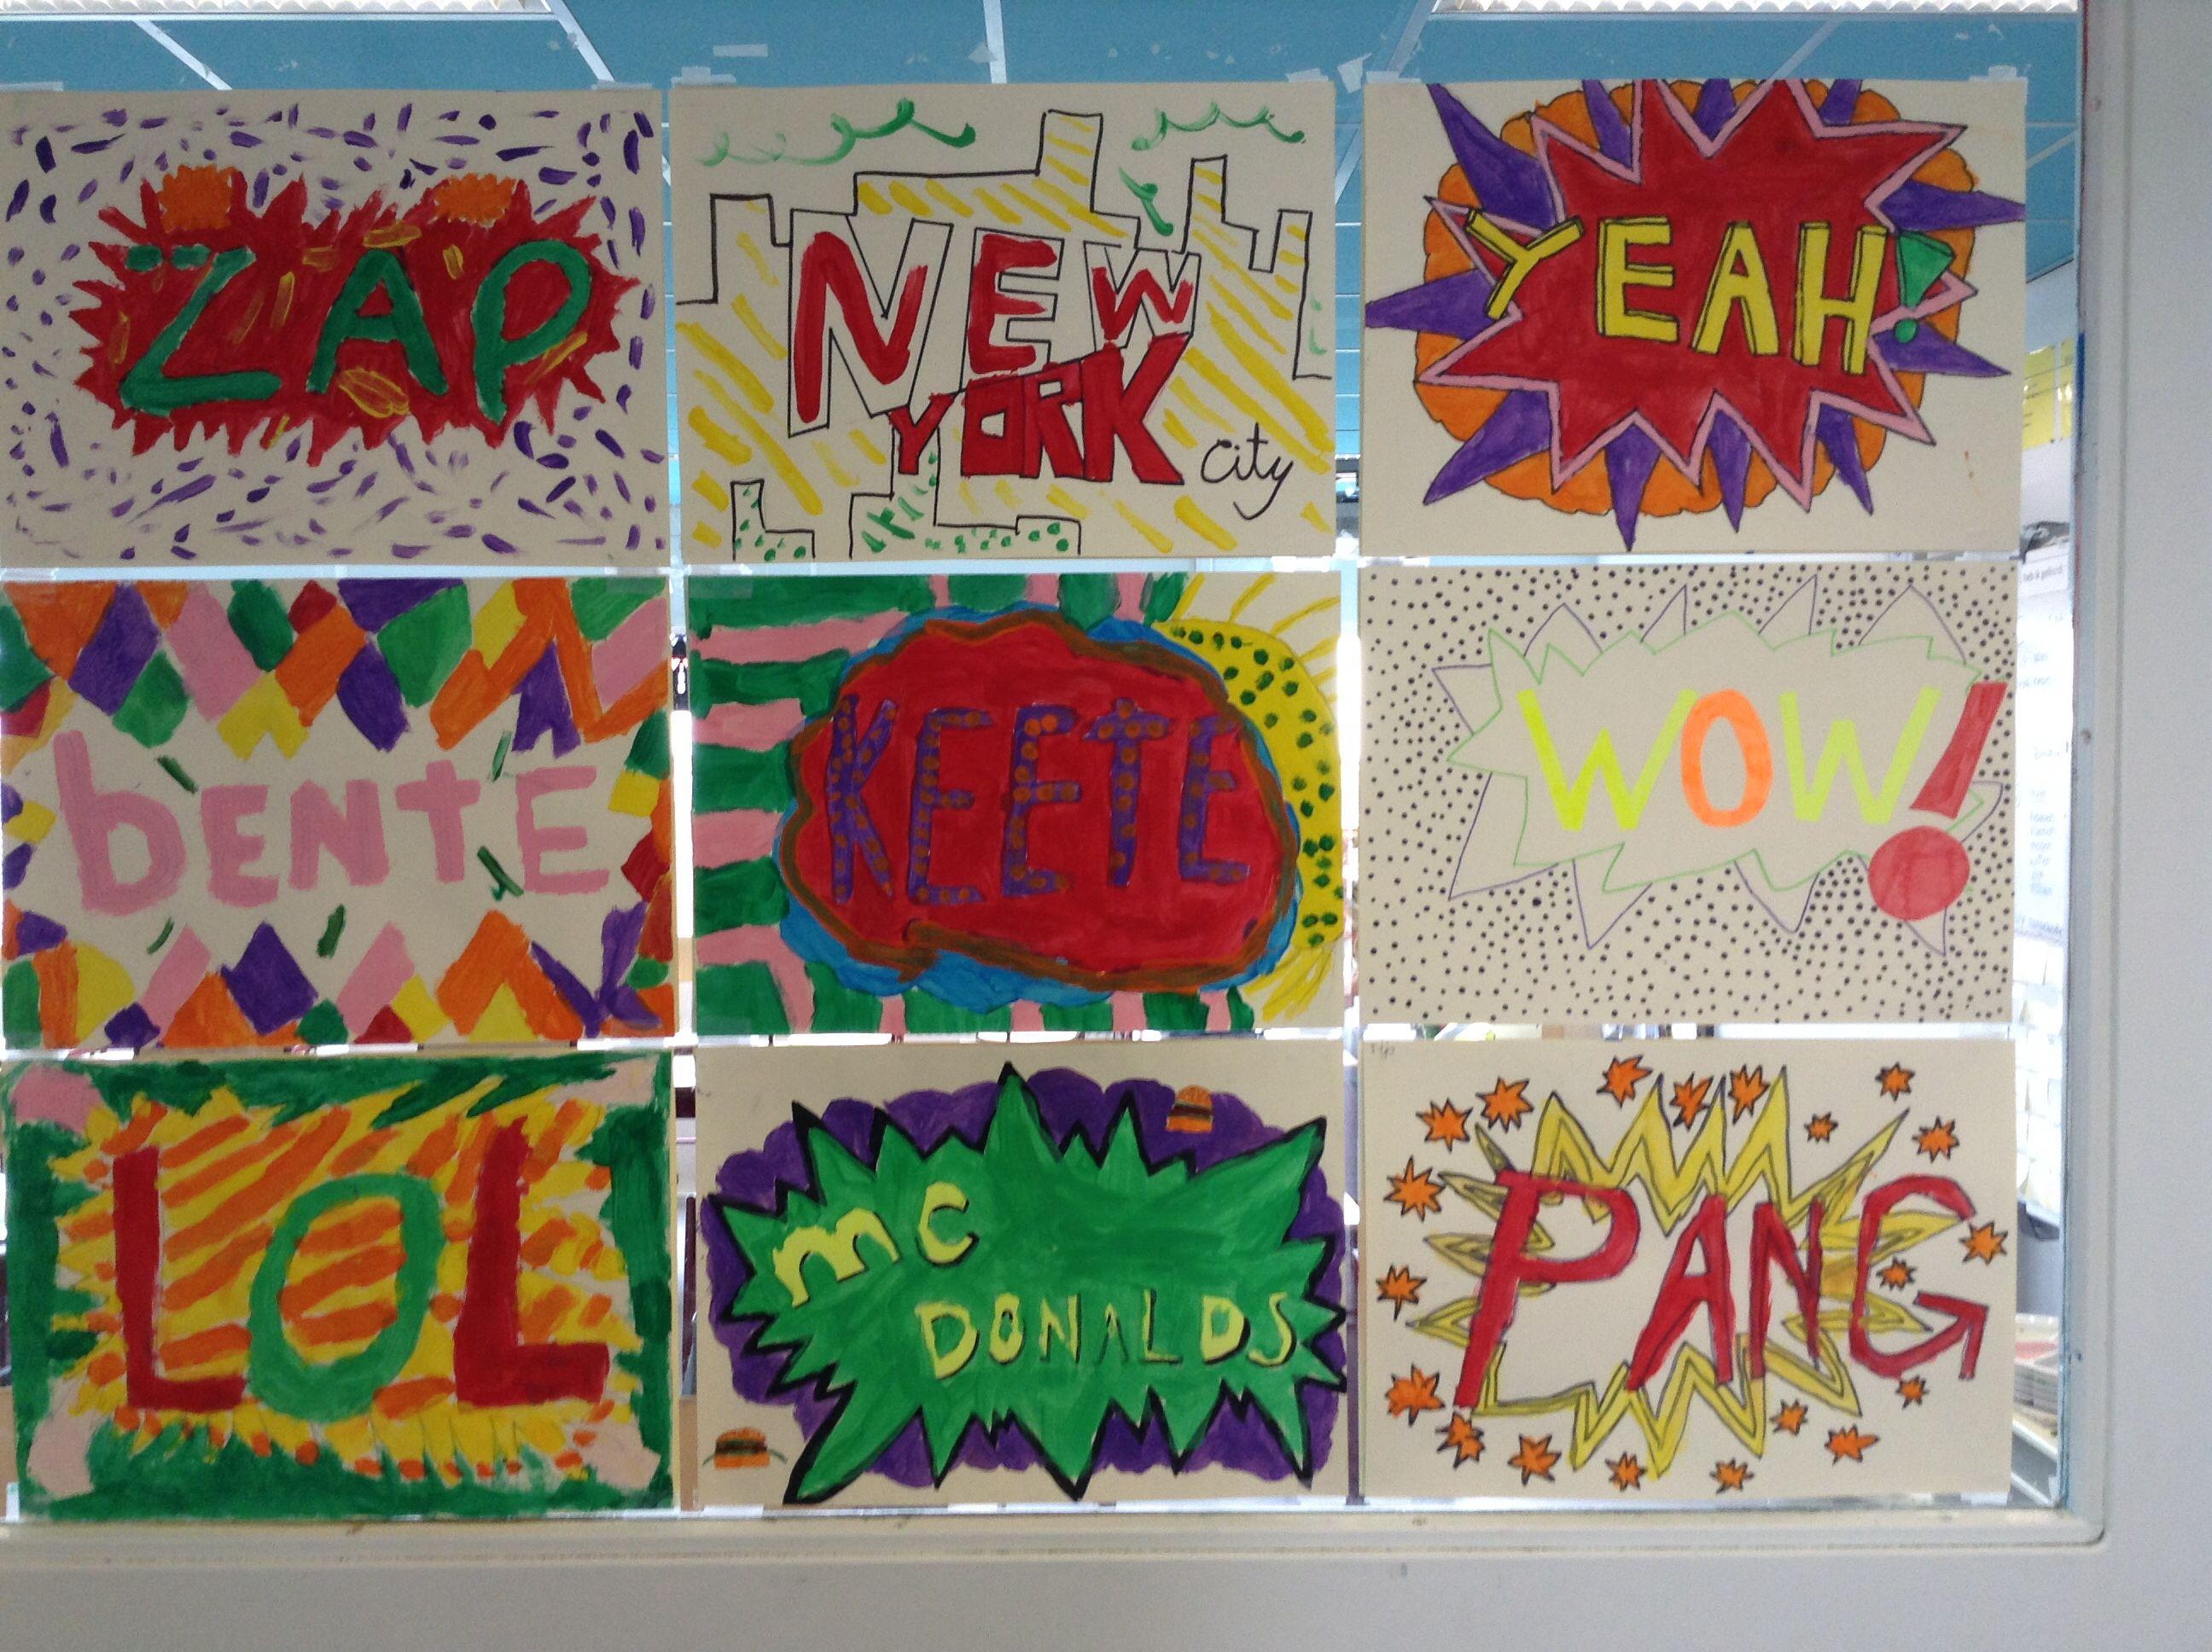 Bekend Pop art knutselen groep 5/6 | Crafts | Pinterest | School &CQ28